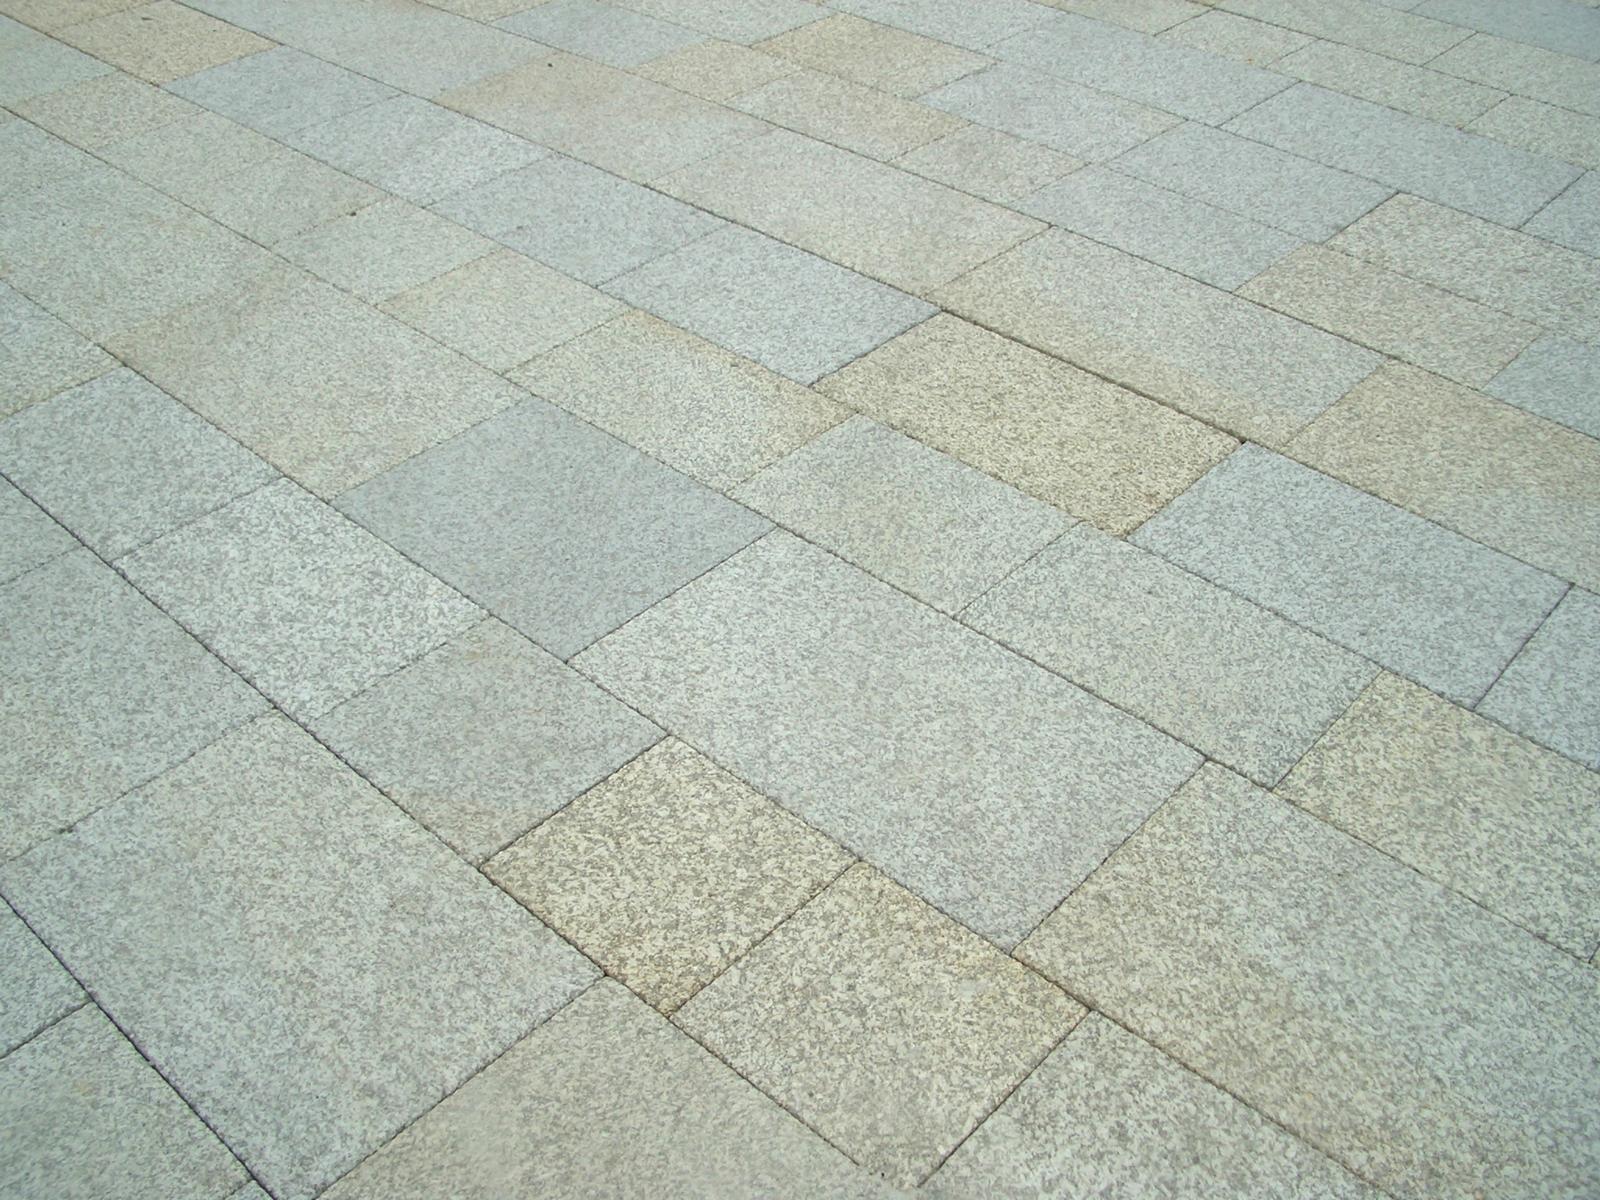 Tamsweg - Marktplatz17